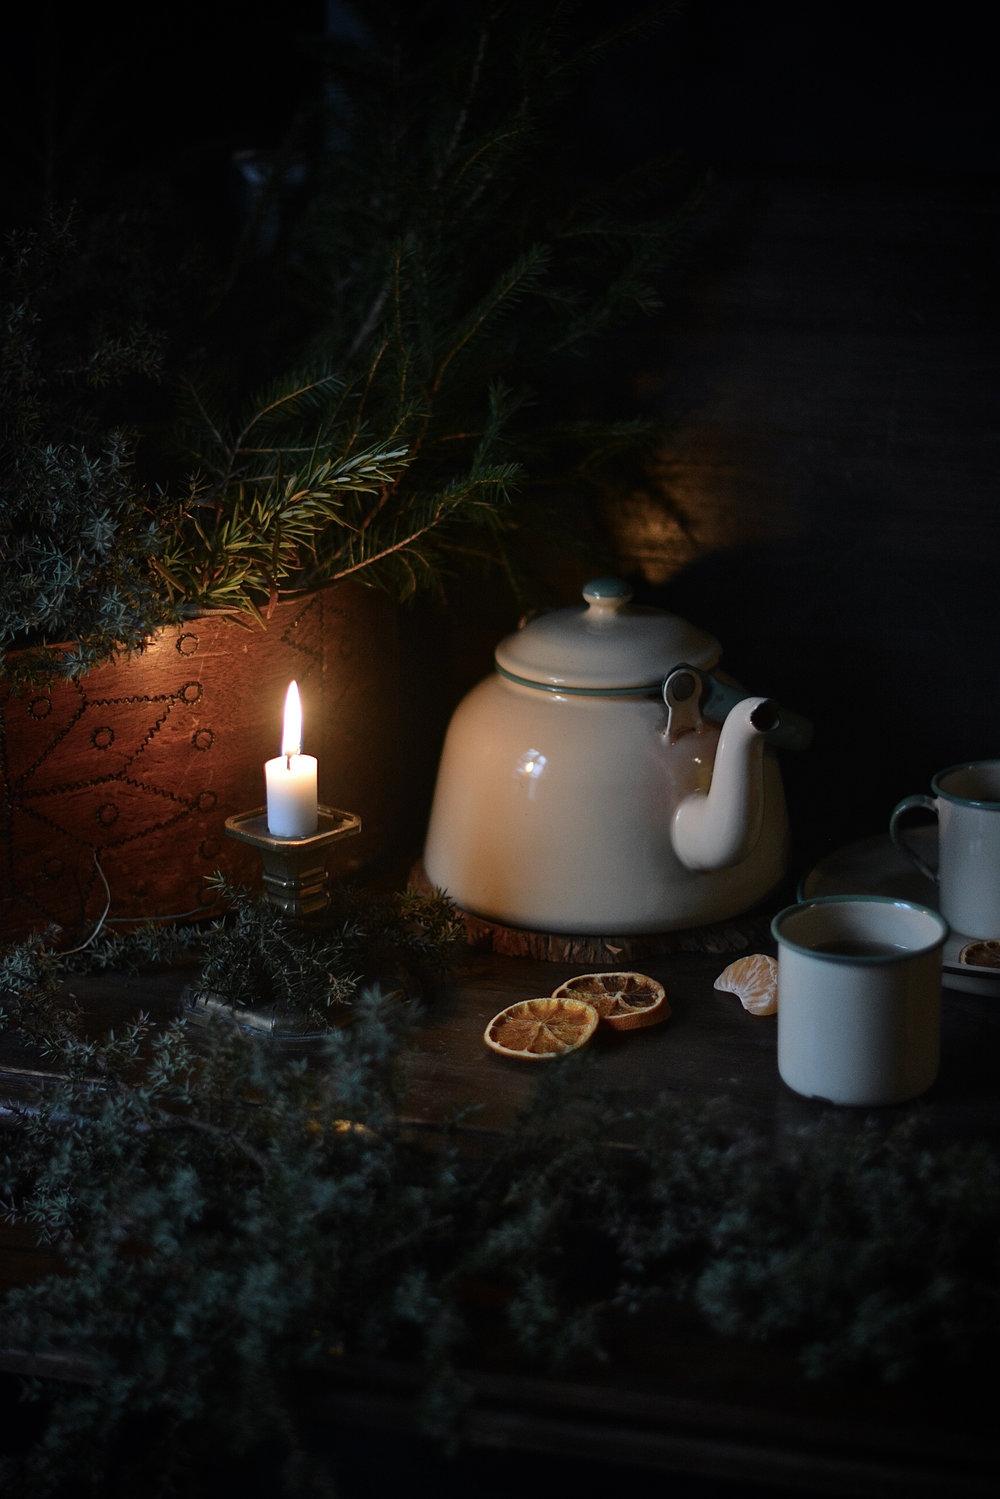 tea på loftet